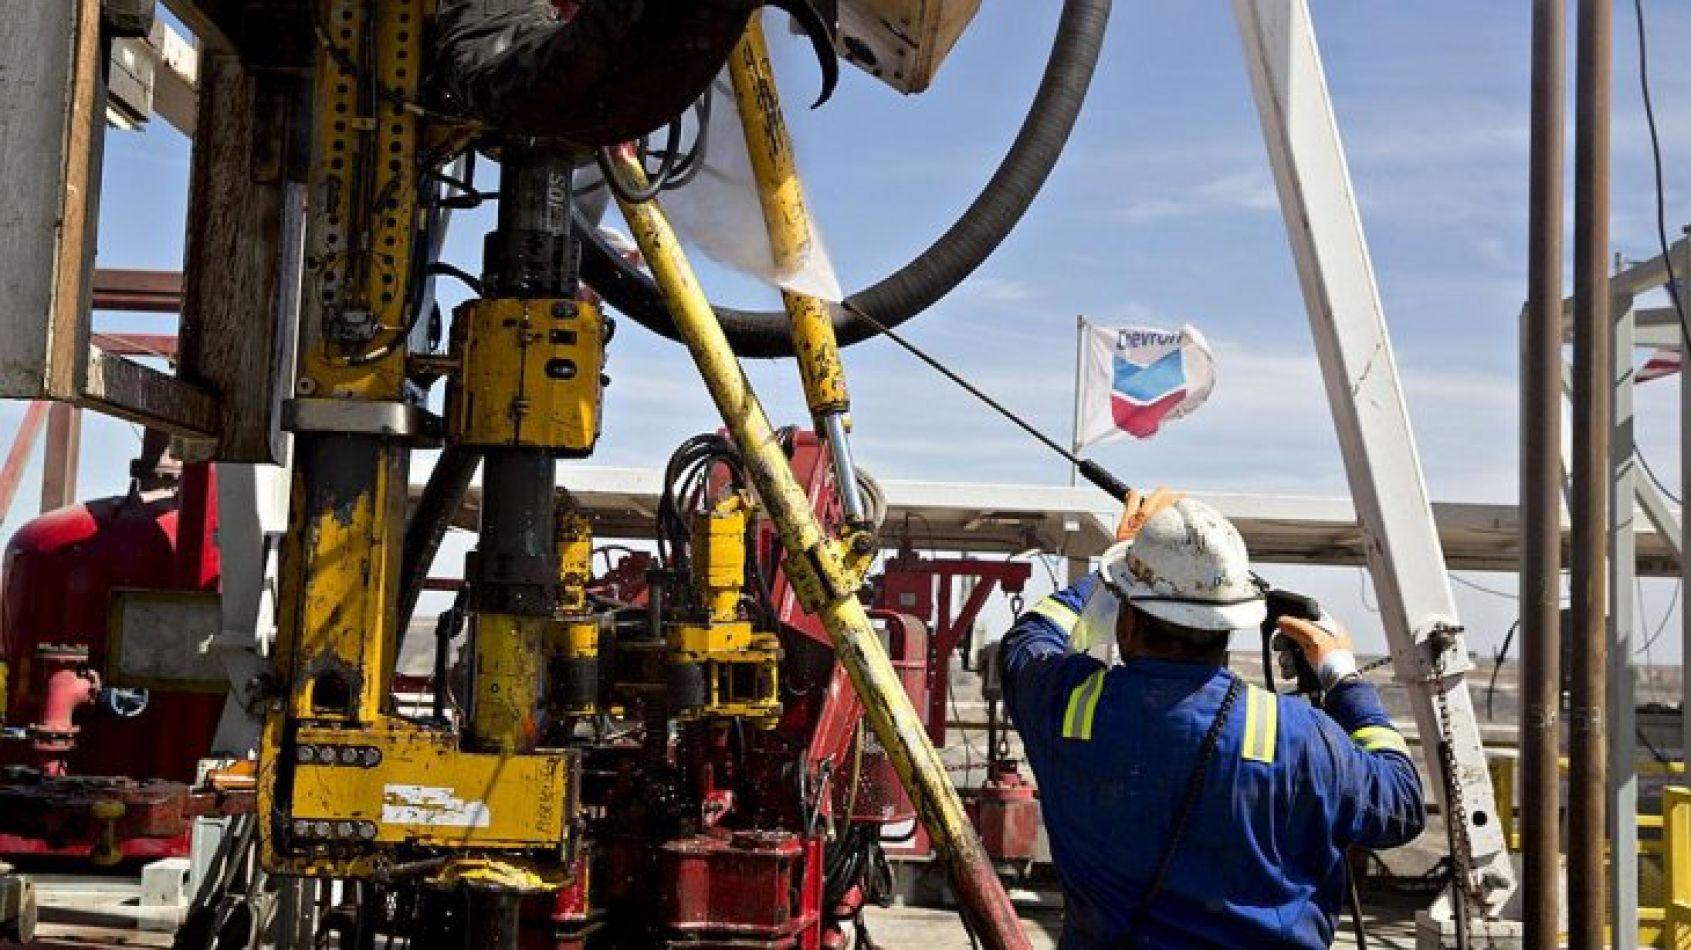 Aumento del 9% a los petroleros no afloja la tensa calma en el sector de hidrocarburos